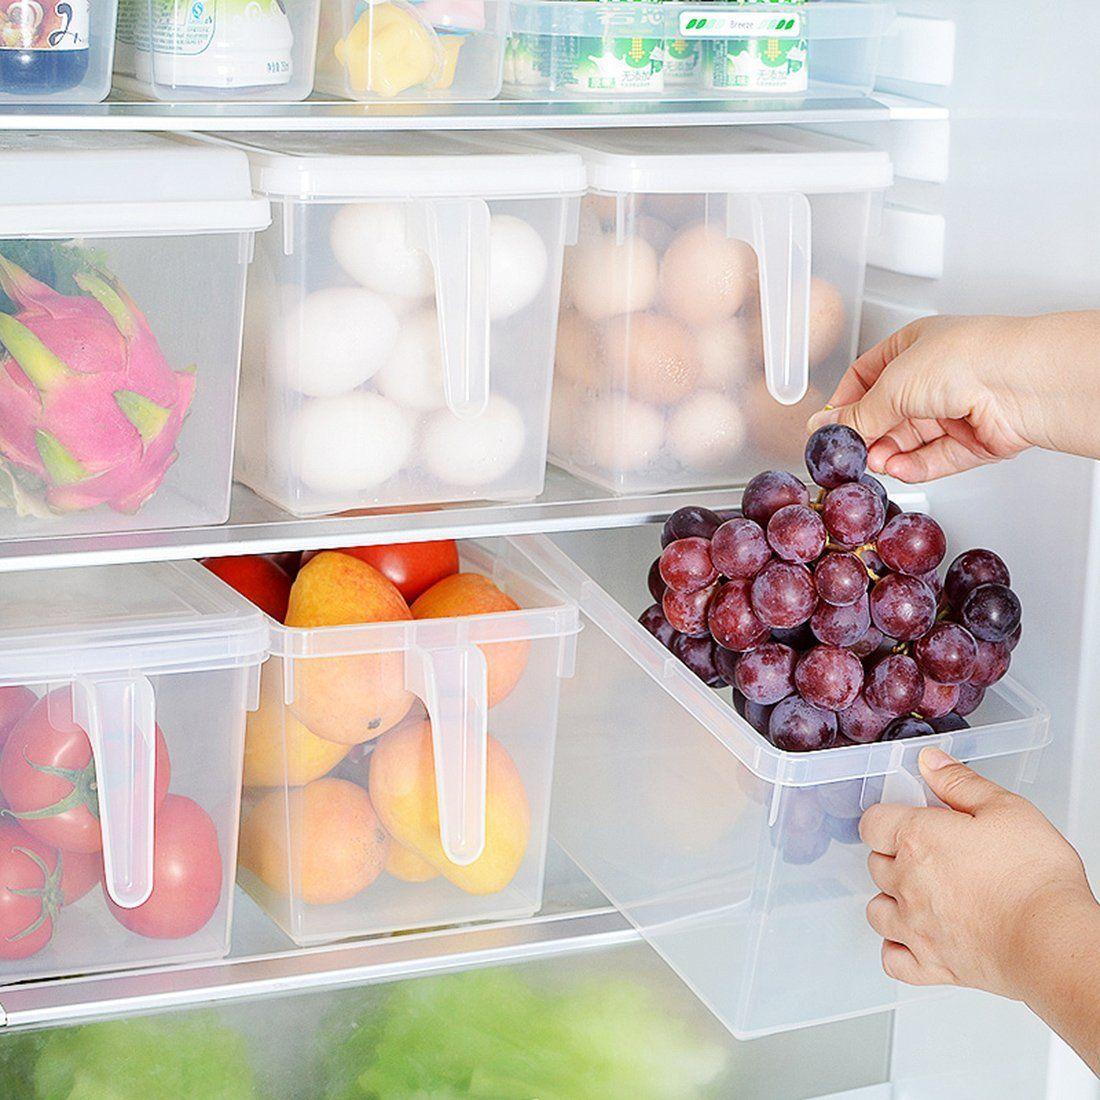 Contenitori Per Organizzare Frigo accessori per organizzare il frigorifero! eccone 15 buona